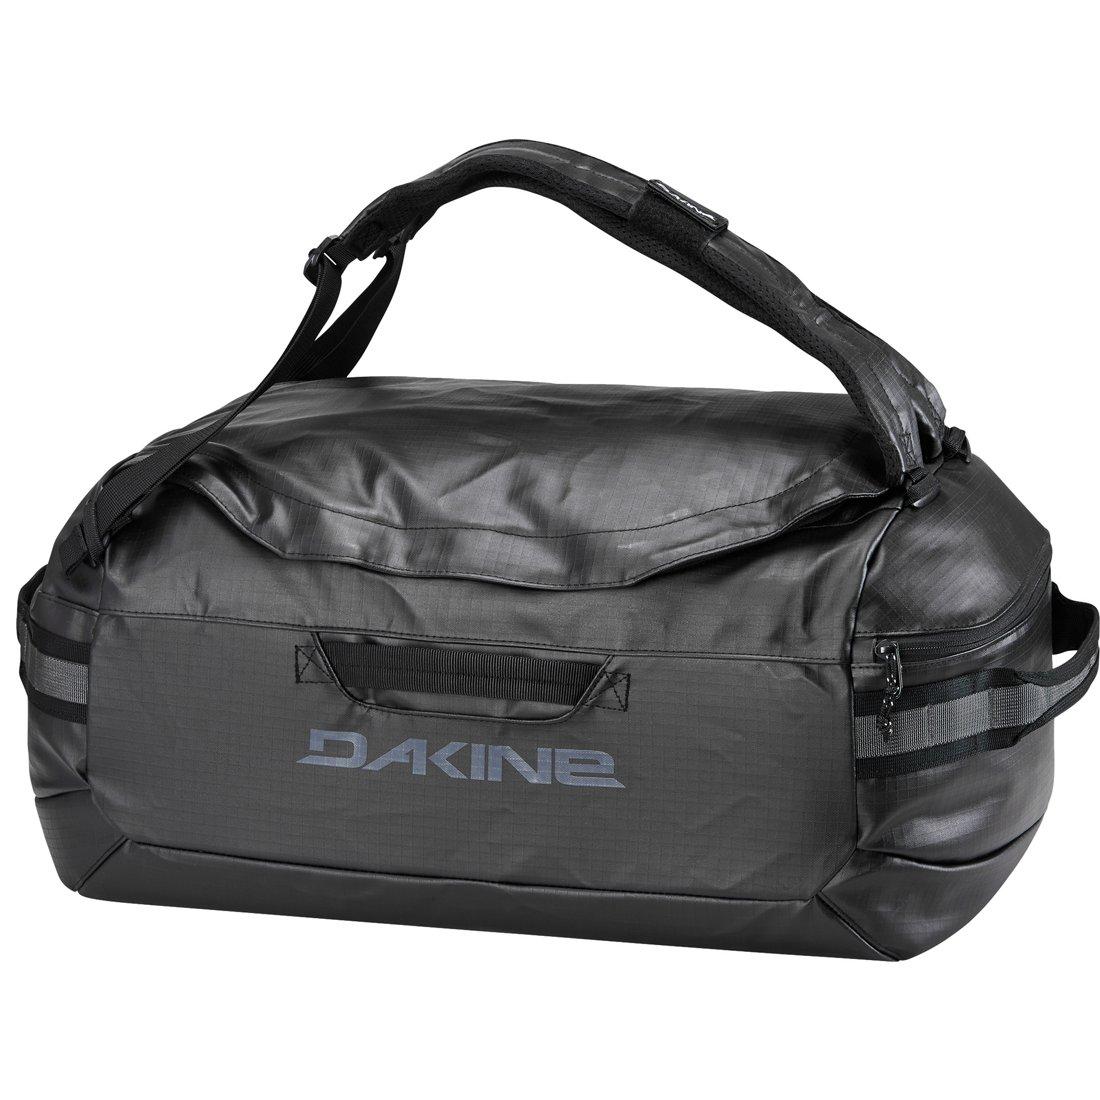 b3a63a616eeff Dakine Packs   Bags Ranger Reisetasche 61 cm - koffer-direkt.de